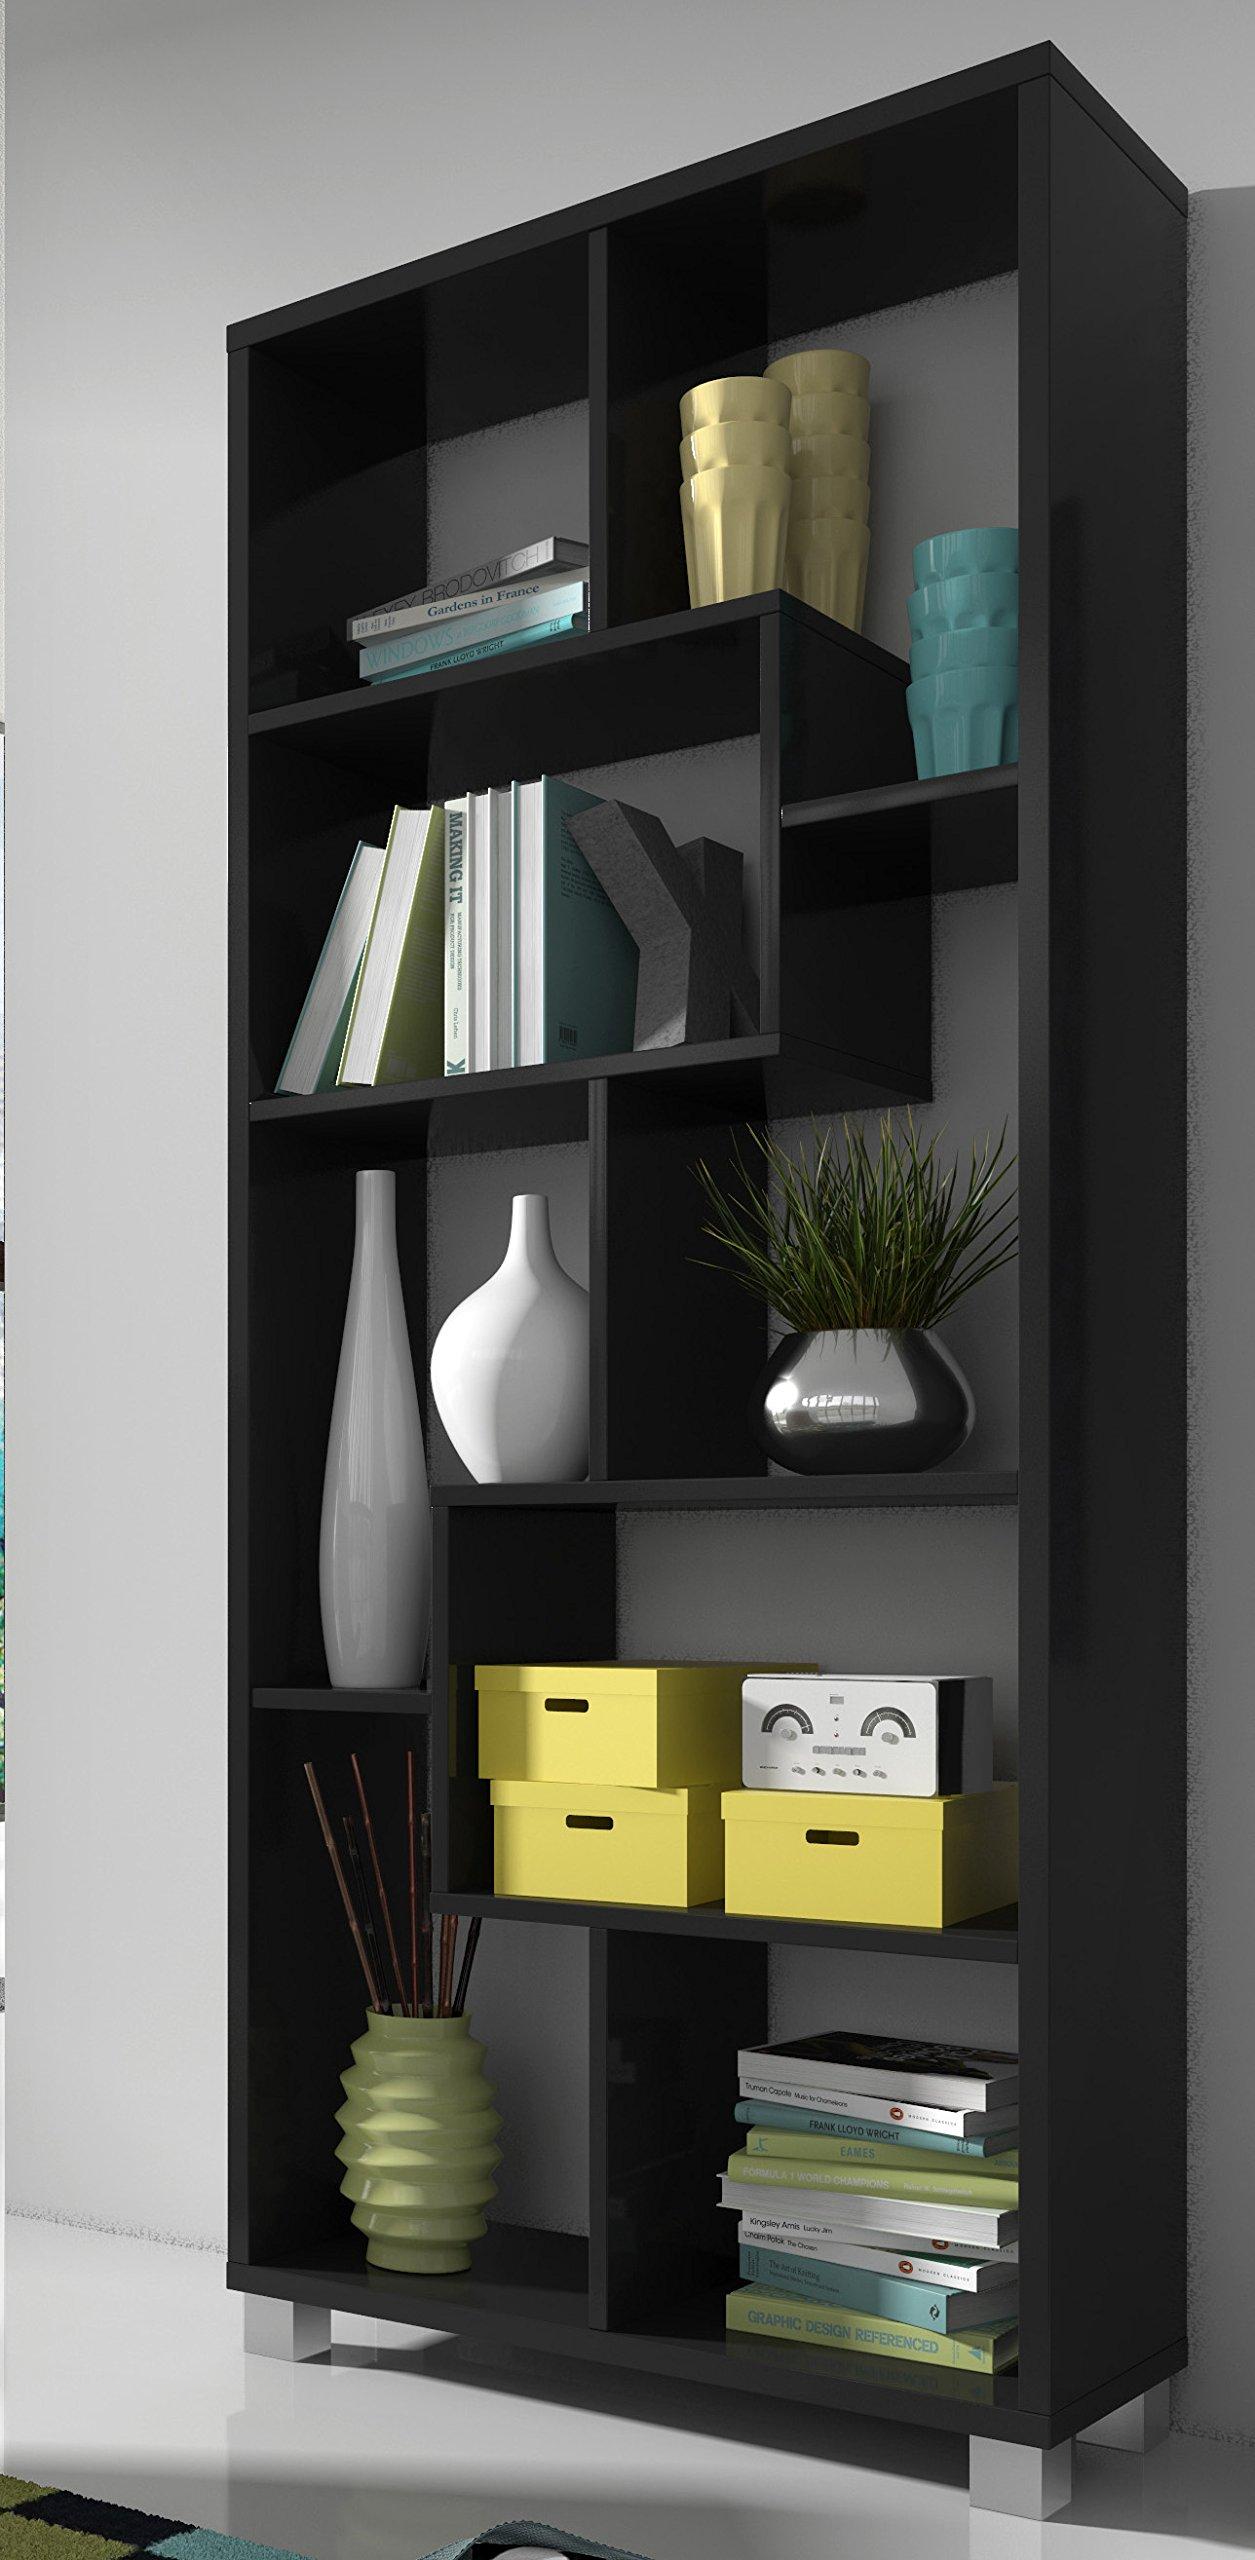 SelectionHome - Estantería librería de diseño Comedor salón, Color Negro Mate, Medidas: 68